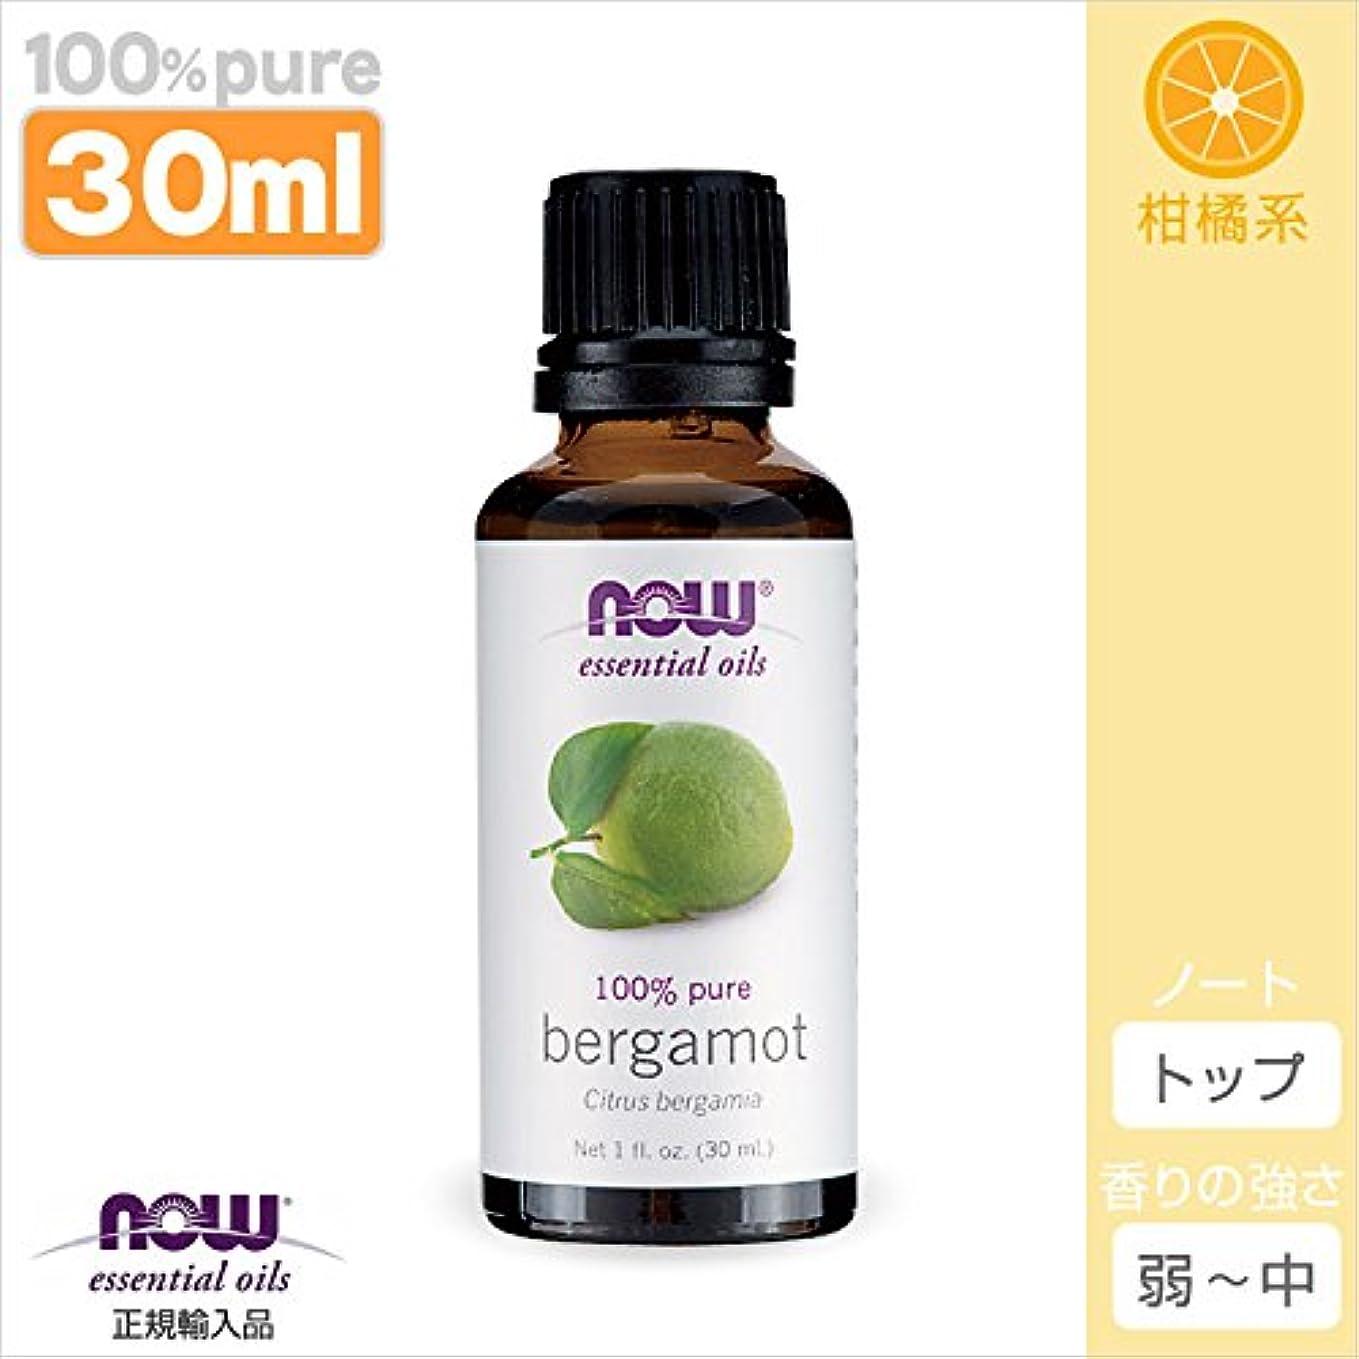 いわゆる変形フェンスベルガモット精油[30ml] 【正規輸入品】 NOWエッセンシャルオイル(アロマオイル)